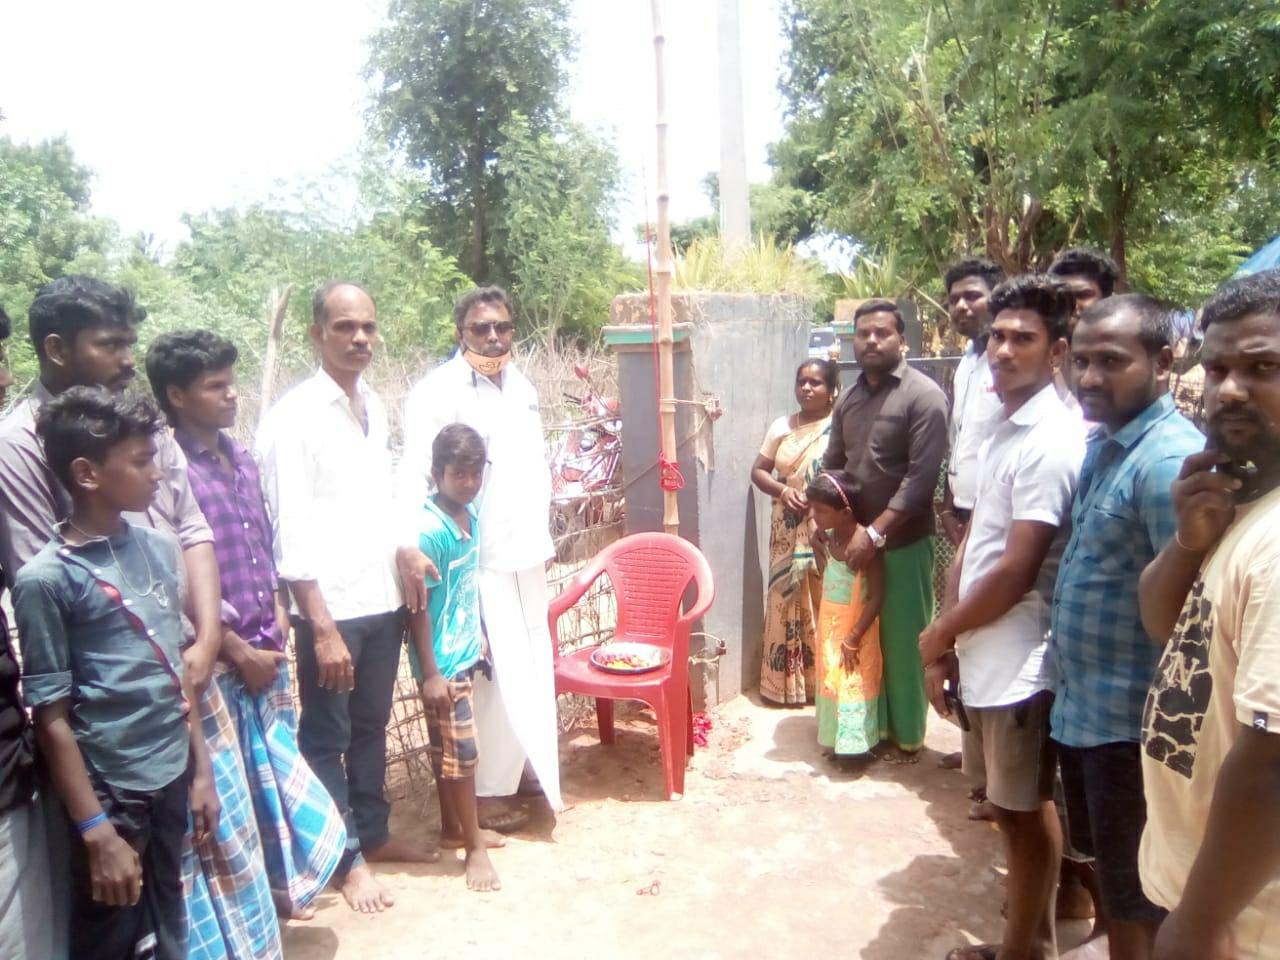 புலிக் கொடியேற்ற நிகழ்வு - திருவாரூர்